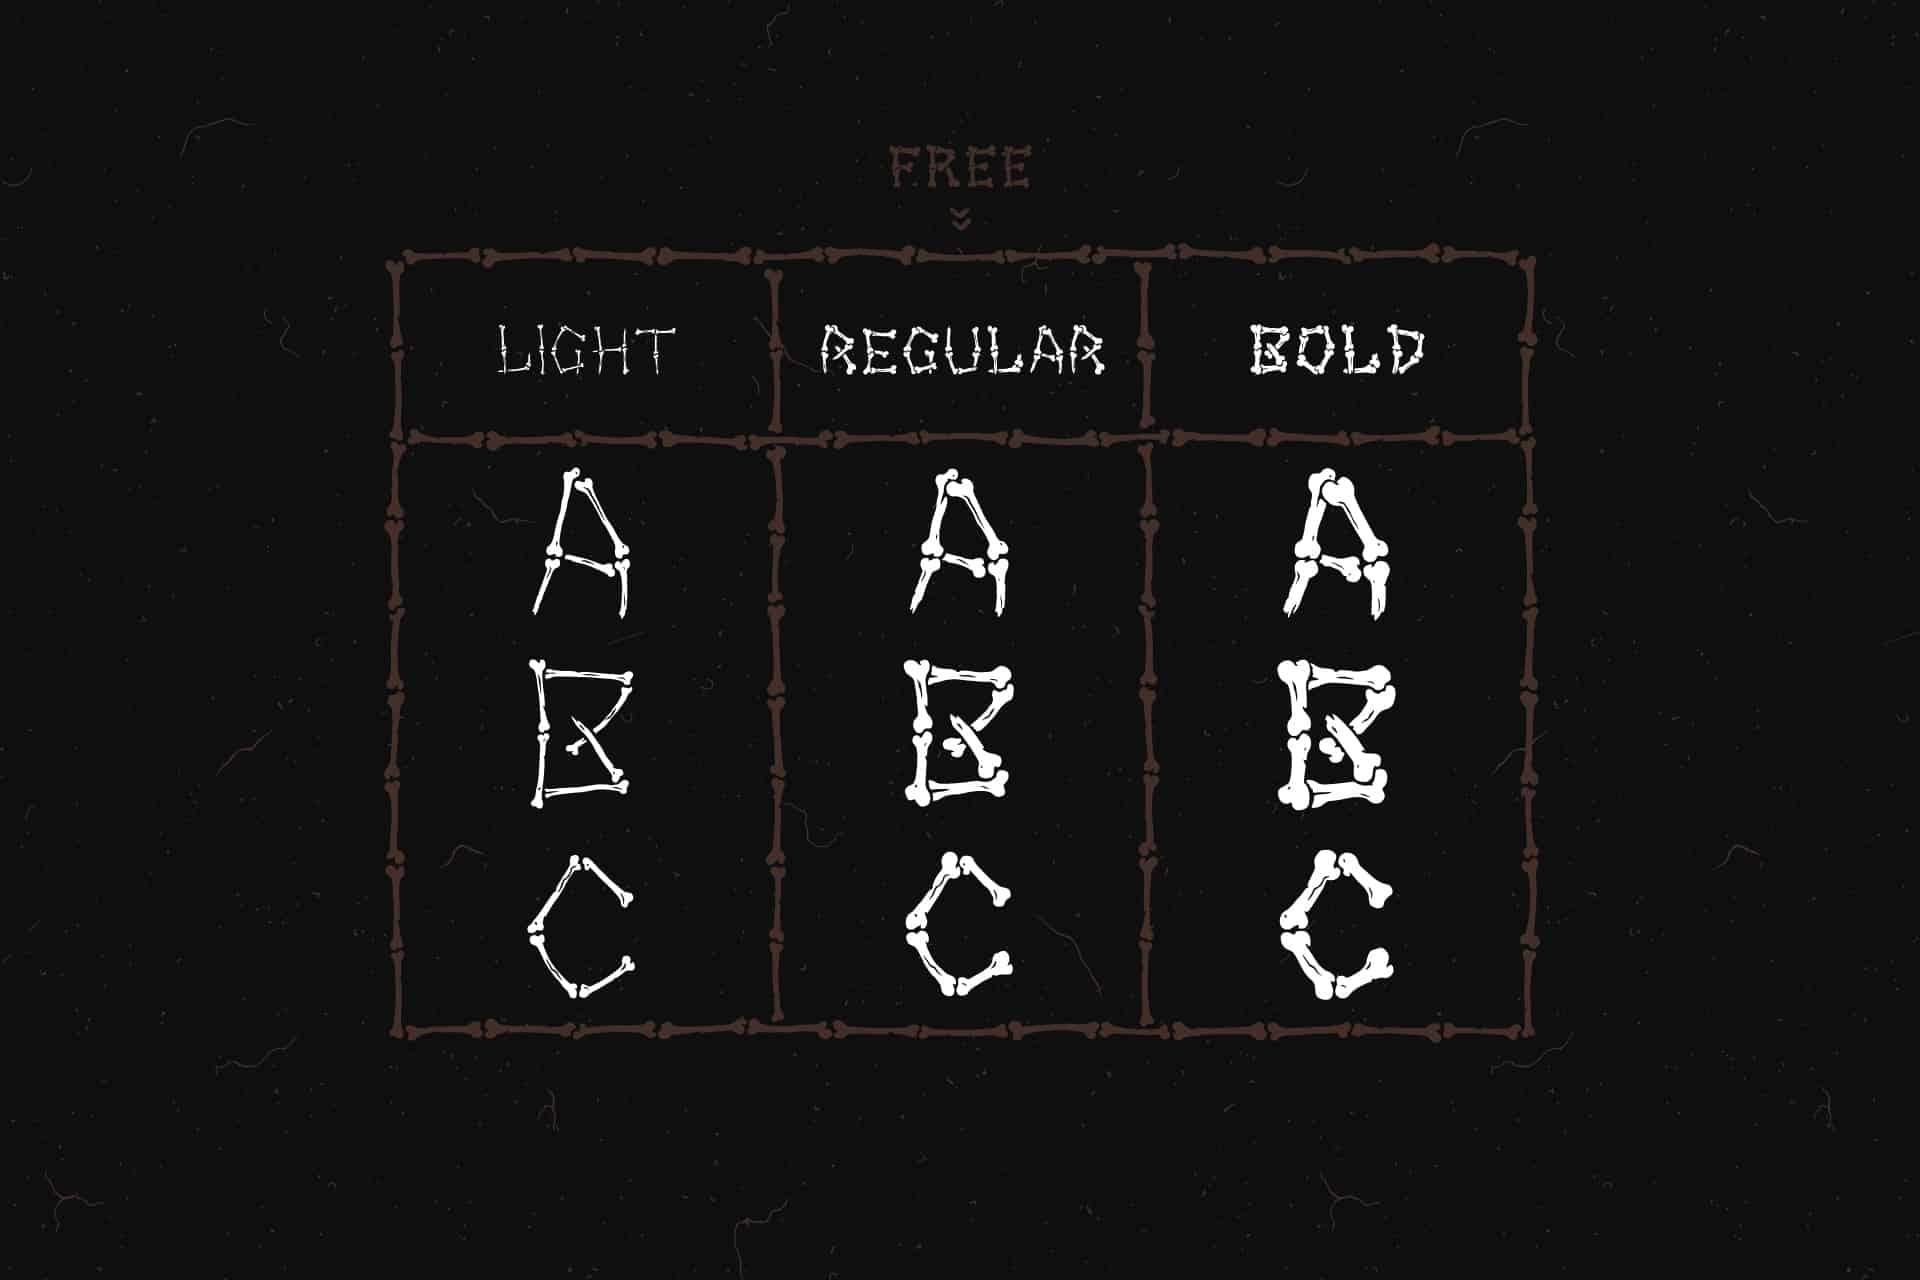 Bony Regular шрифт скачать бесплатно